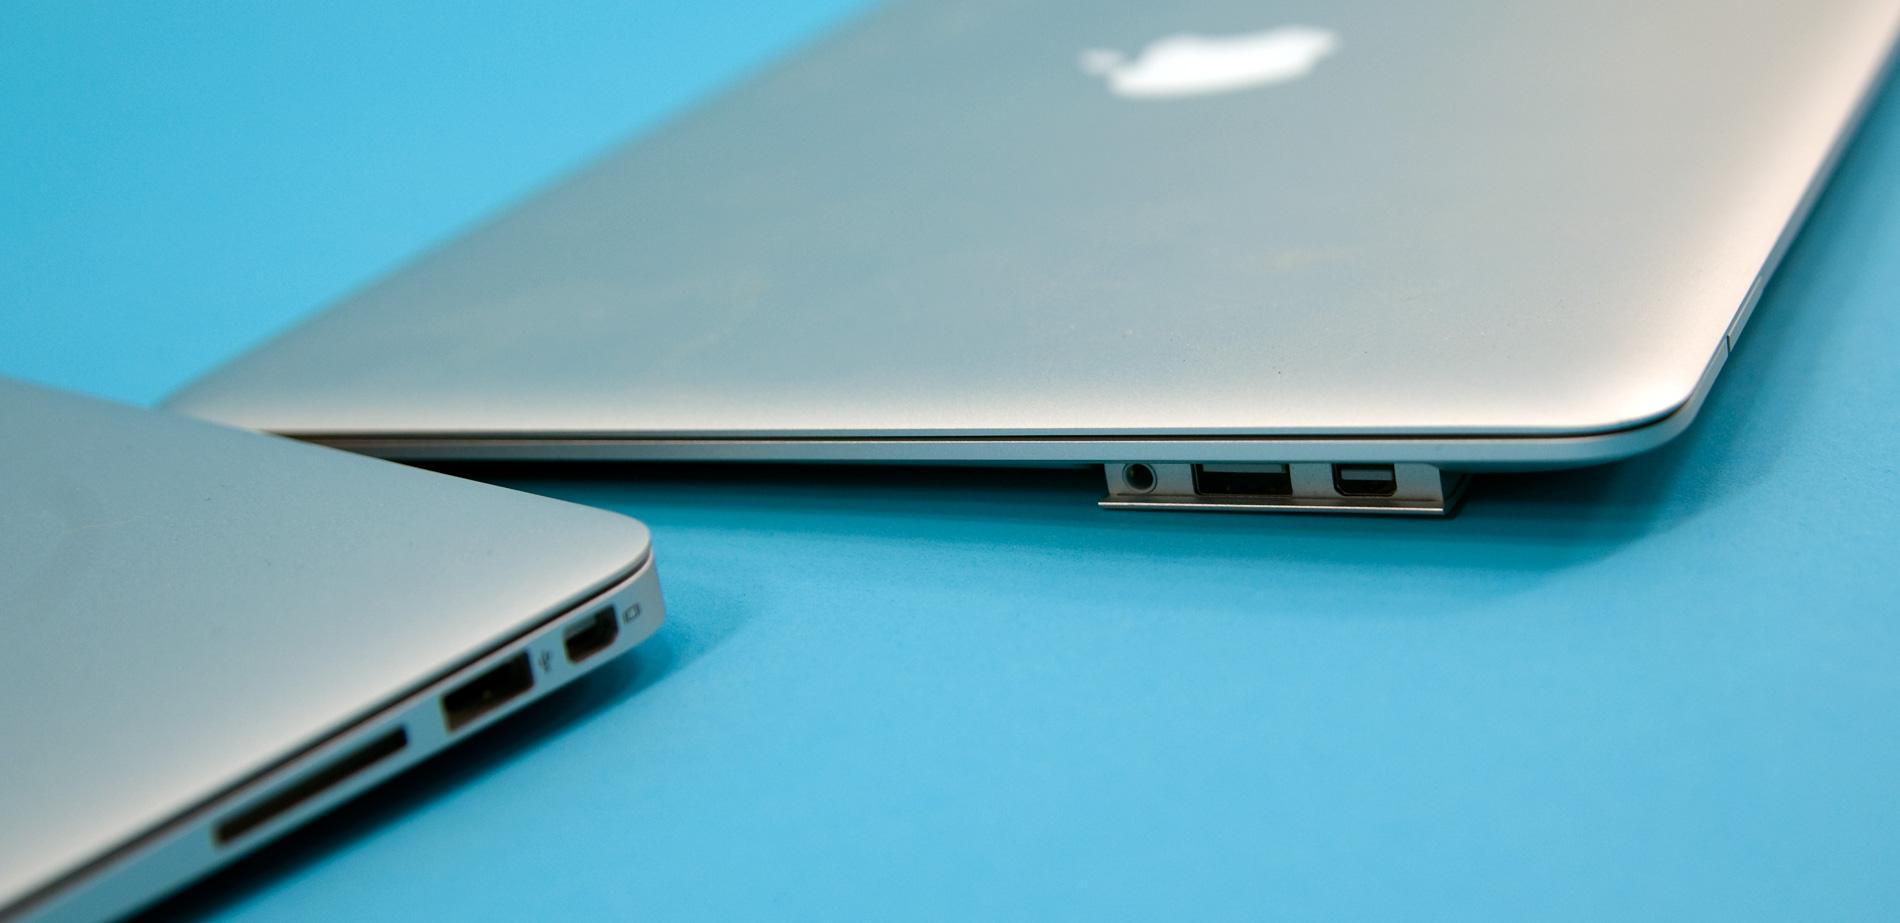 Apple macbook air berukuran 11 inch ini adalah perangkat sempurna yang cocok untuk pengguna dan penggemar produk